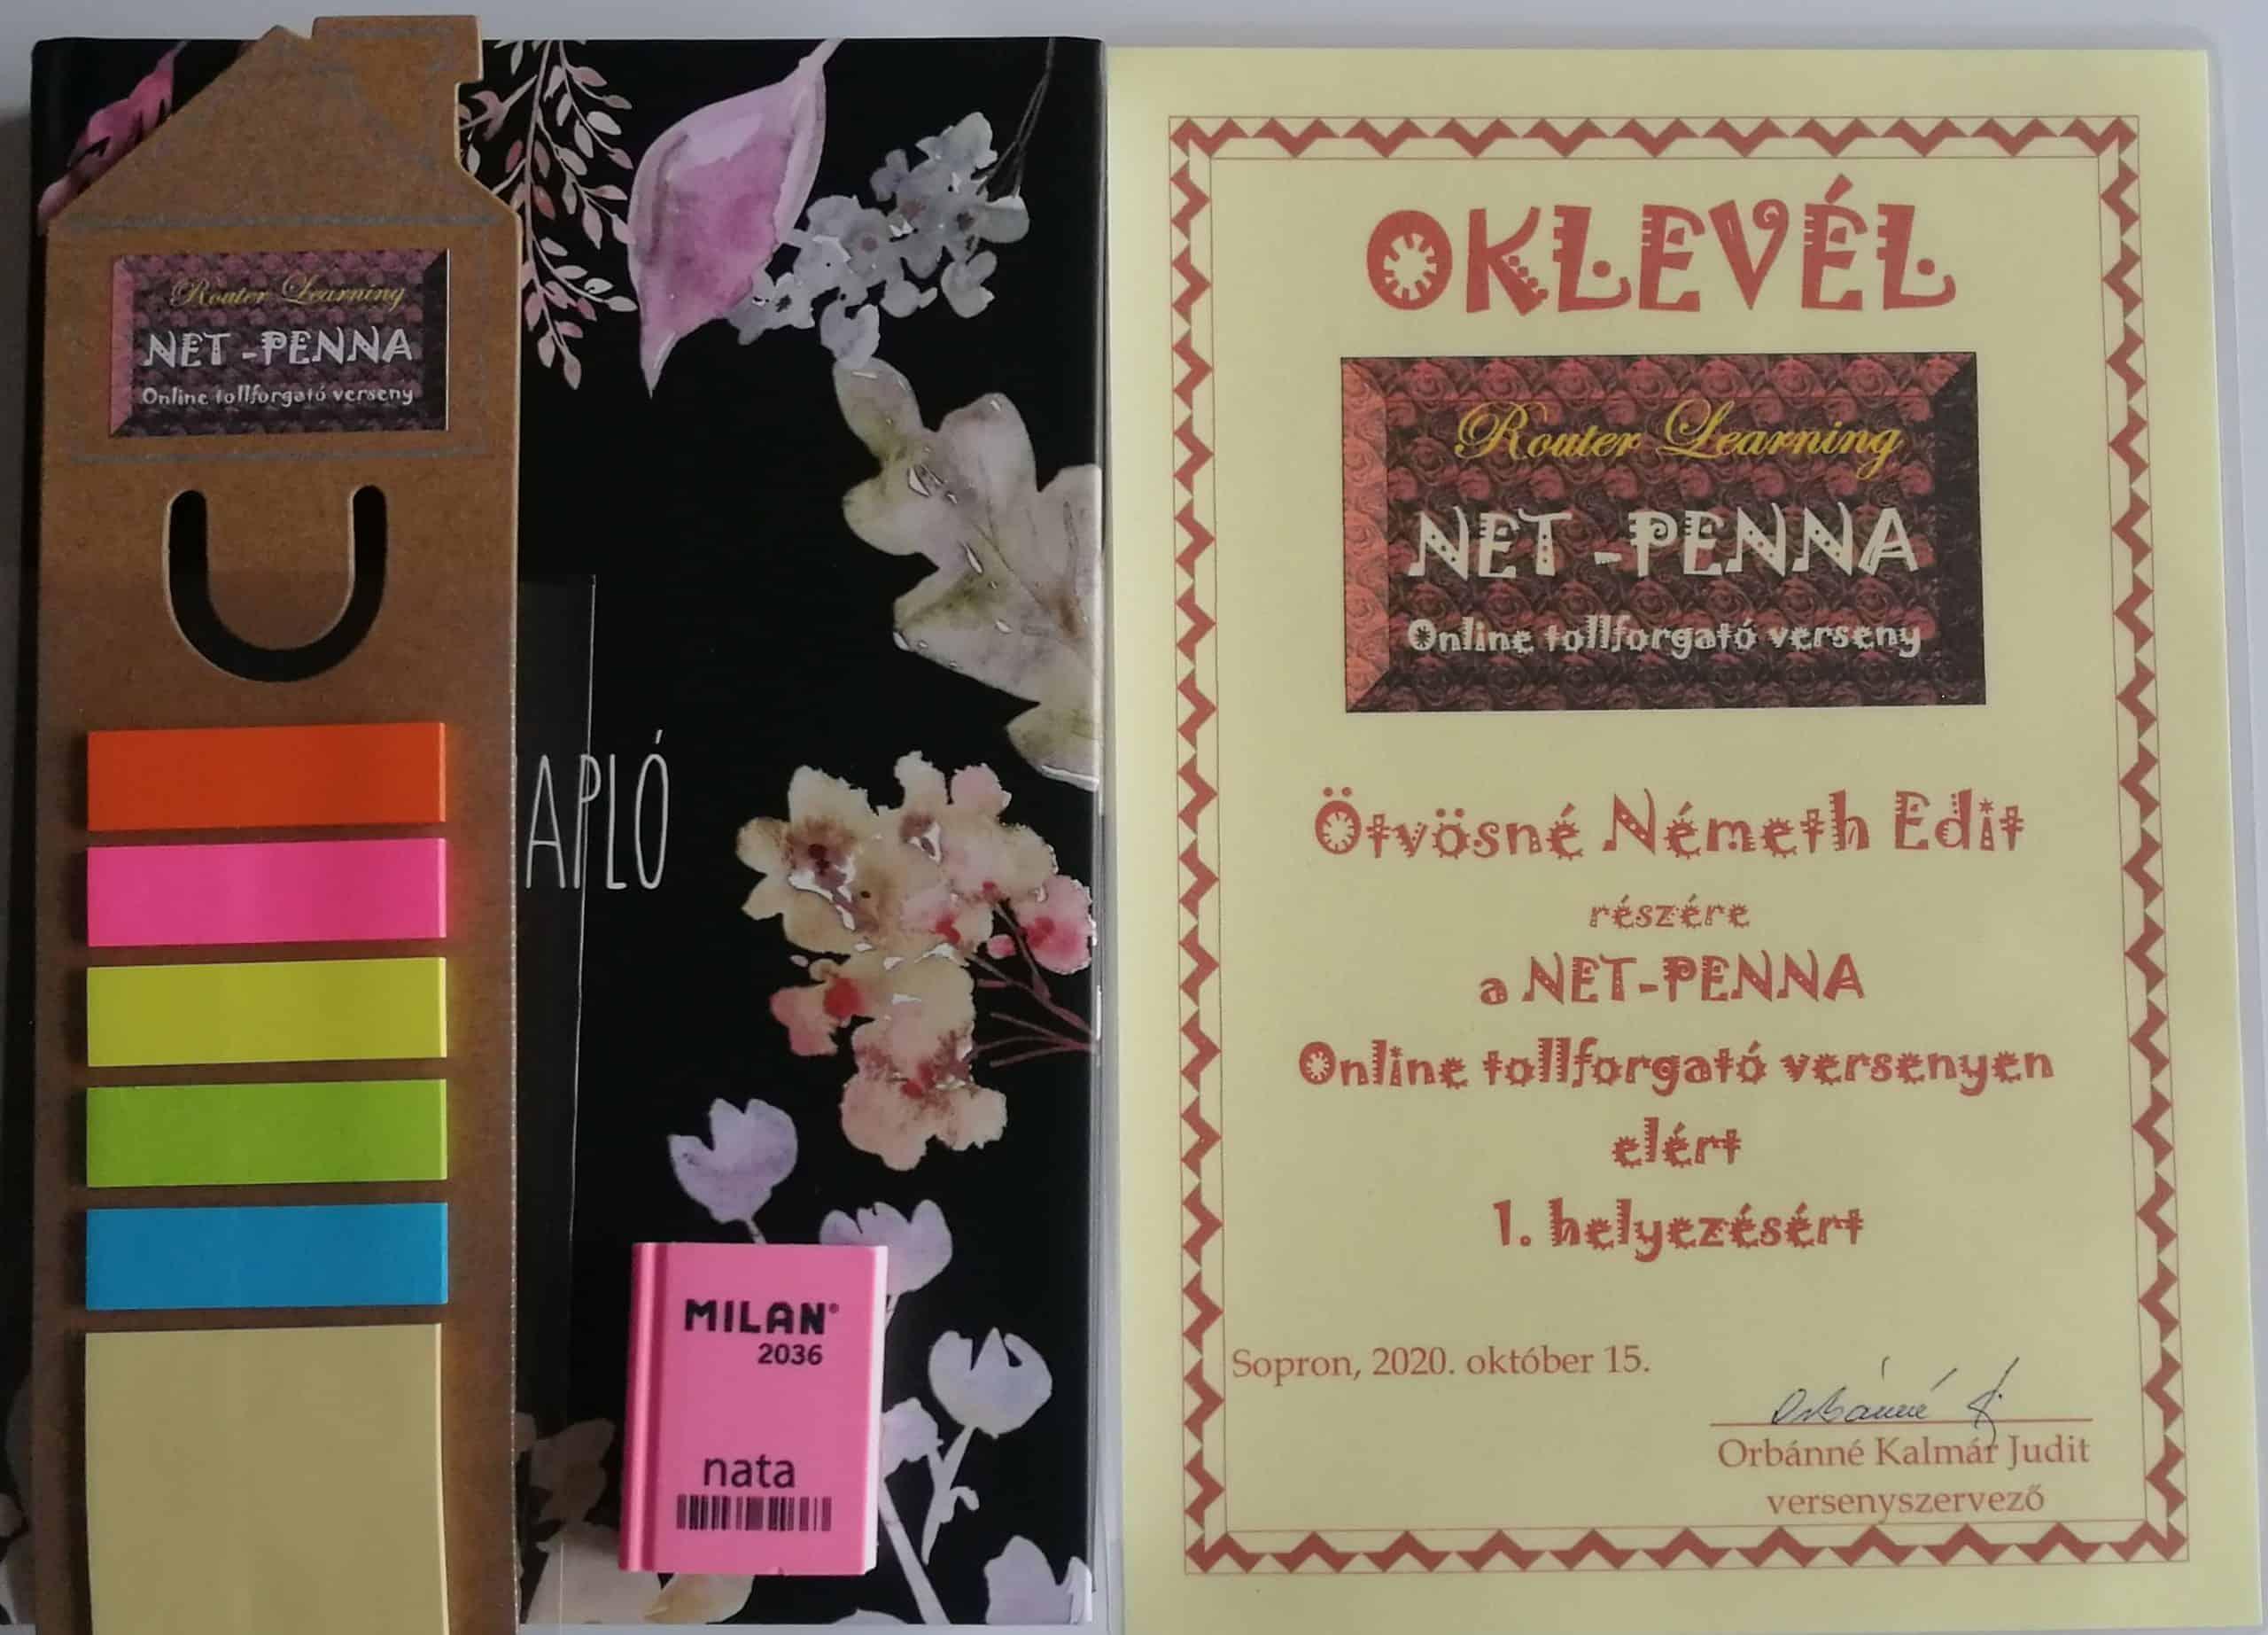 Net-Penna